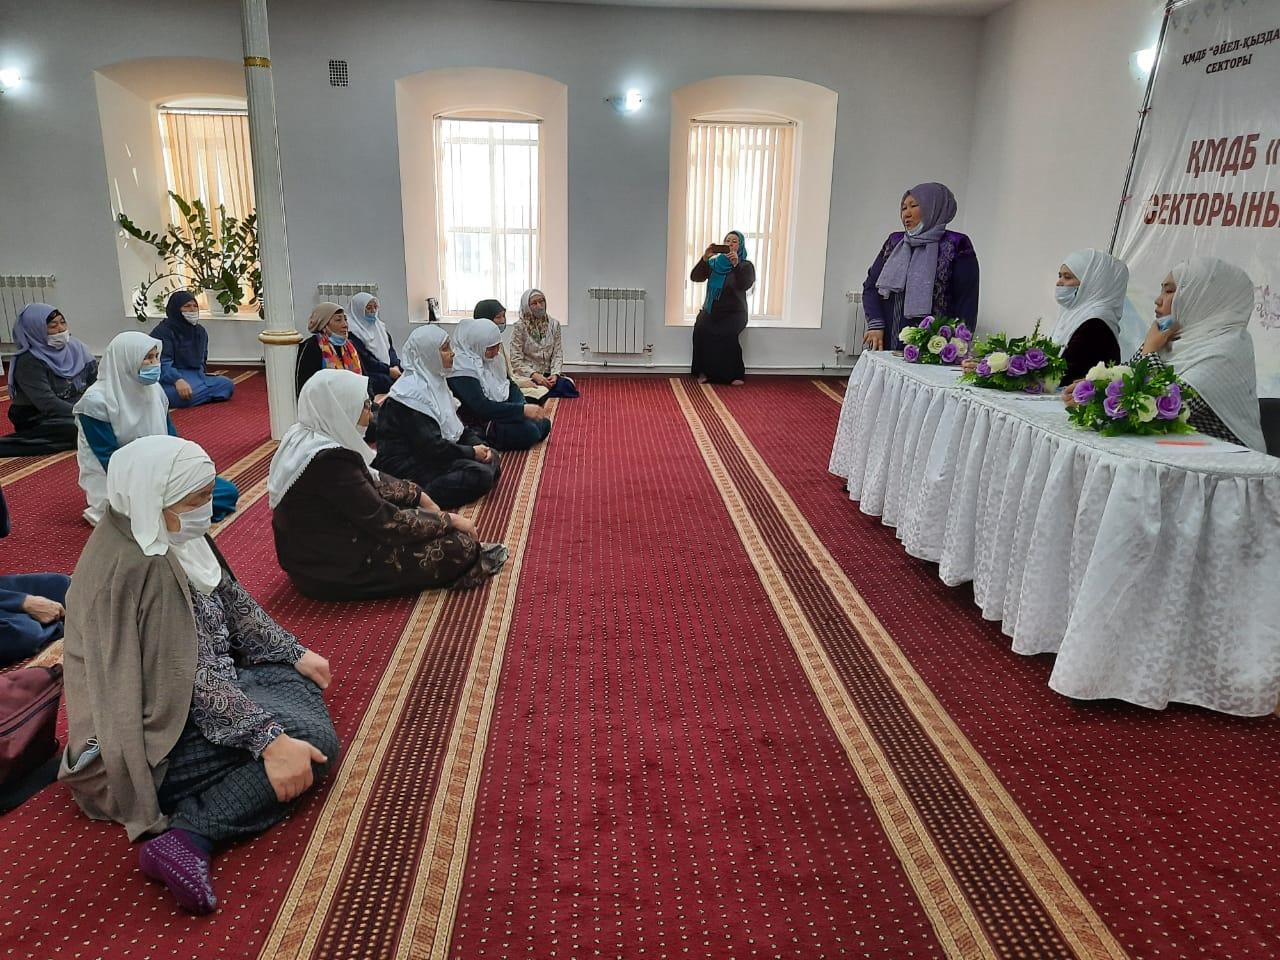 Ақтөбе: «Әйел-қыздар» секторының қызметі қайта жанданды